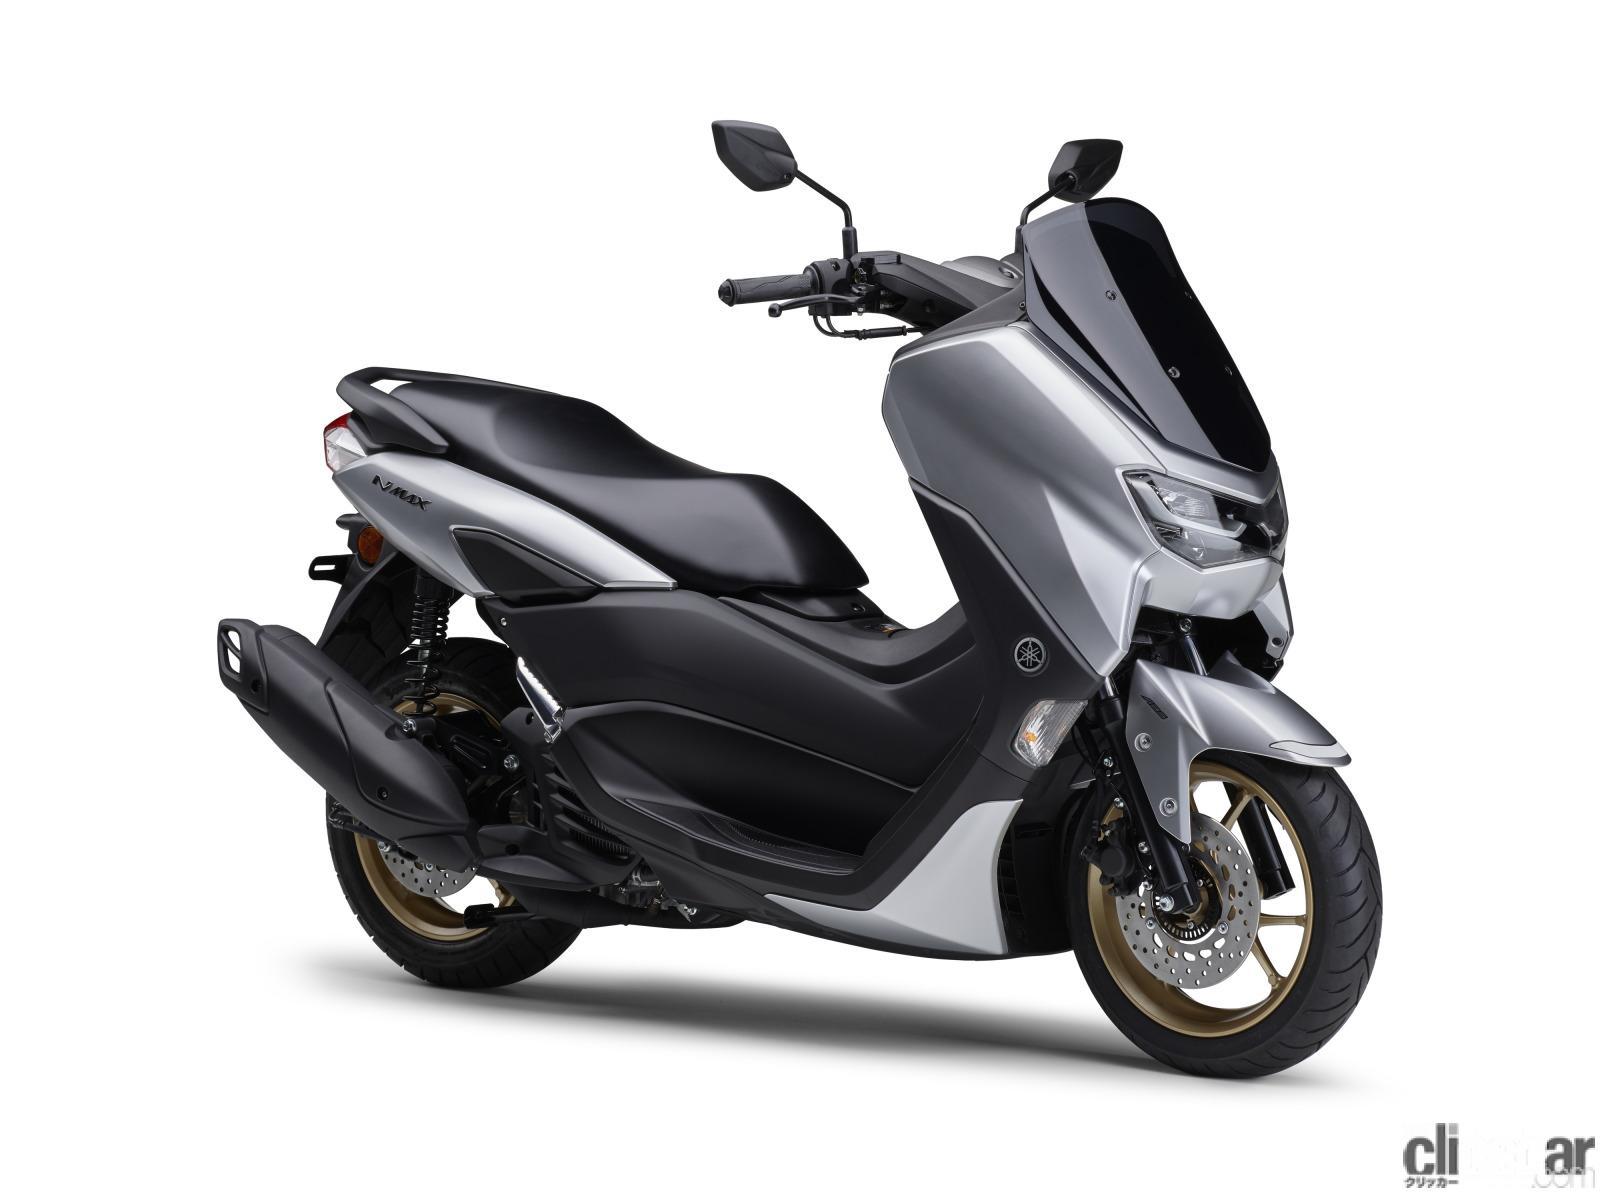 スマホアプリでバイクともっと密につながる〜ヤマハのデジタルトランスフォーメーション〜